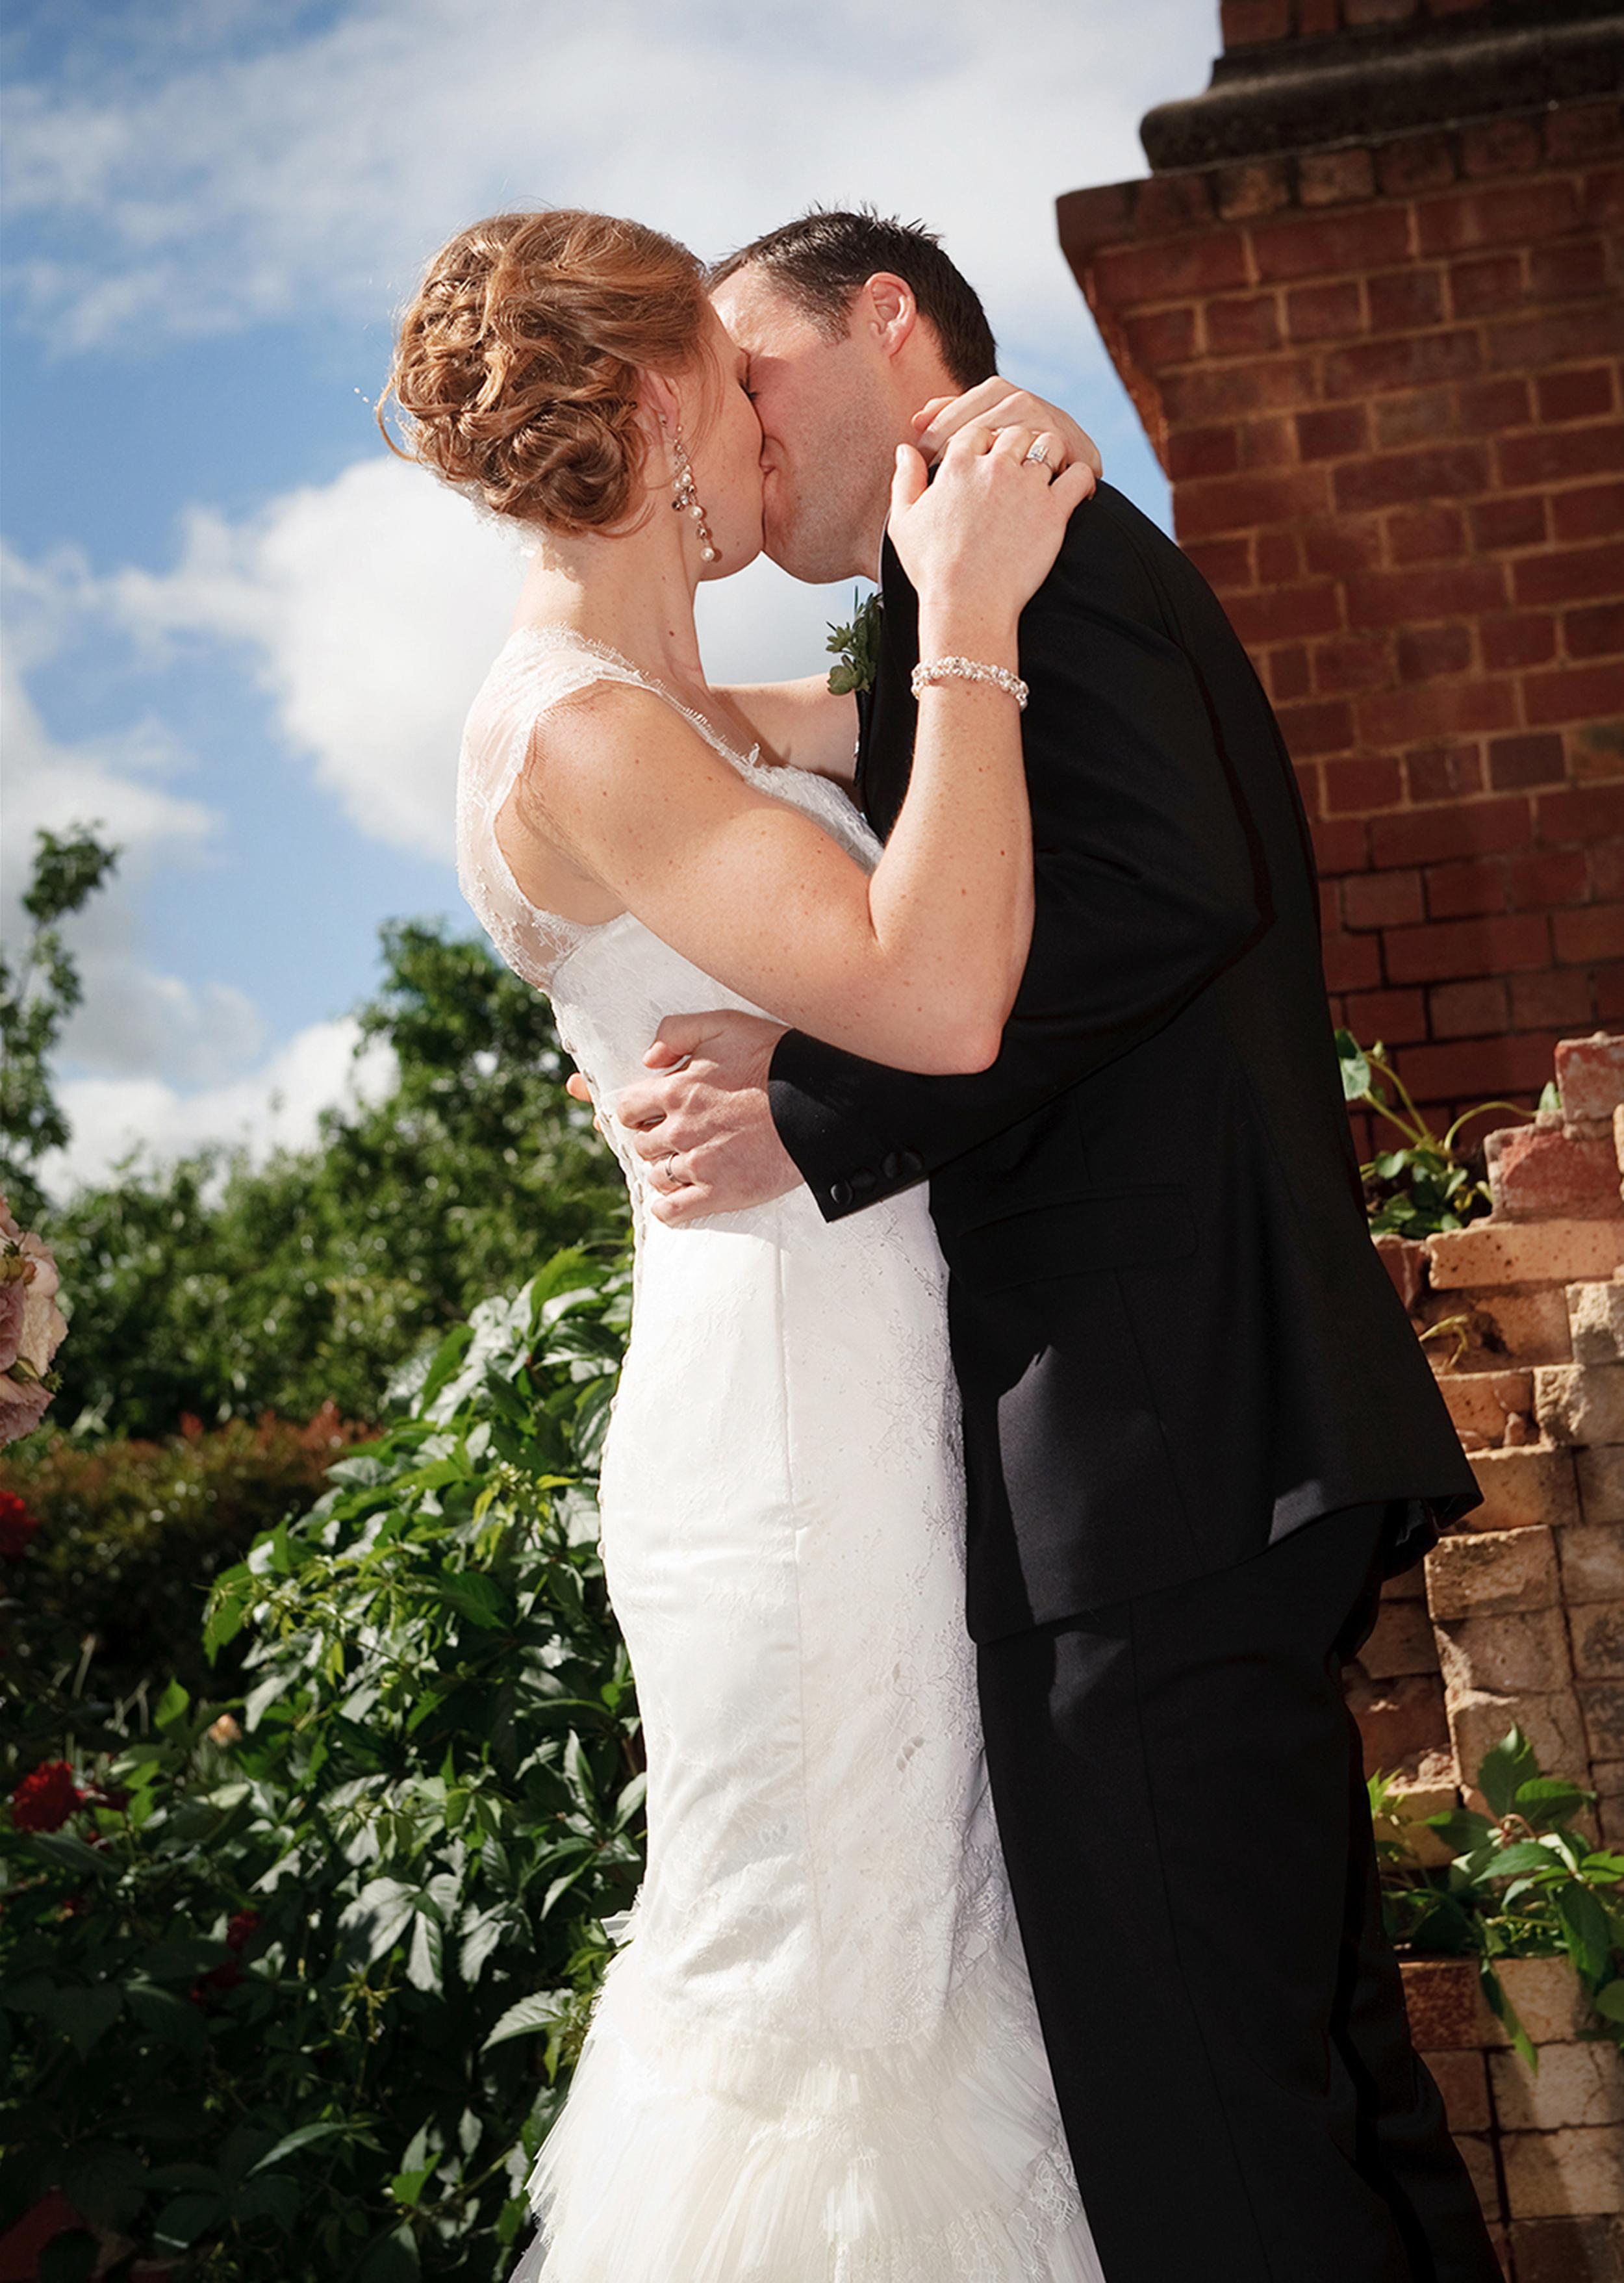 euroa_butter_factory_wedding_photography_66.jpg